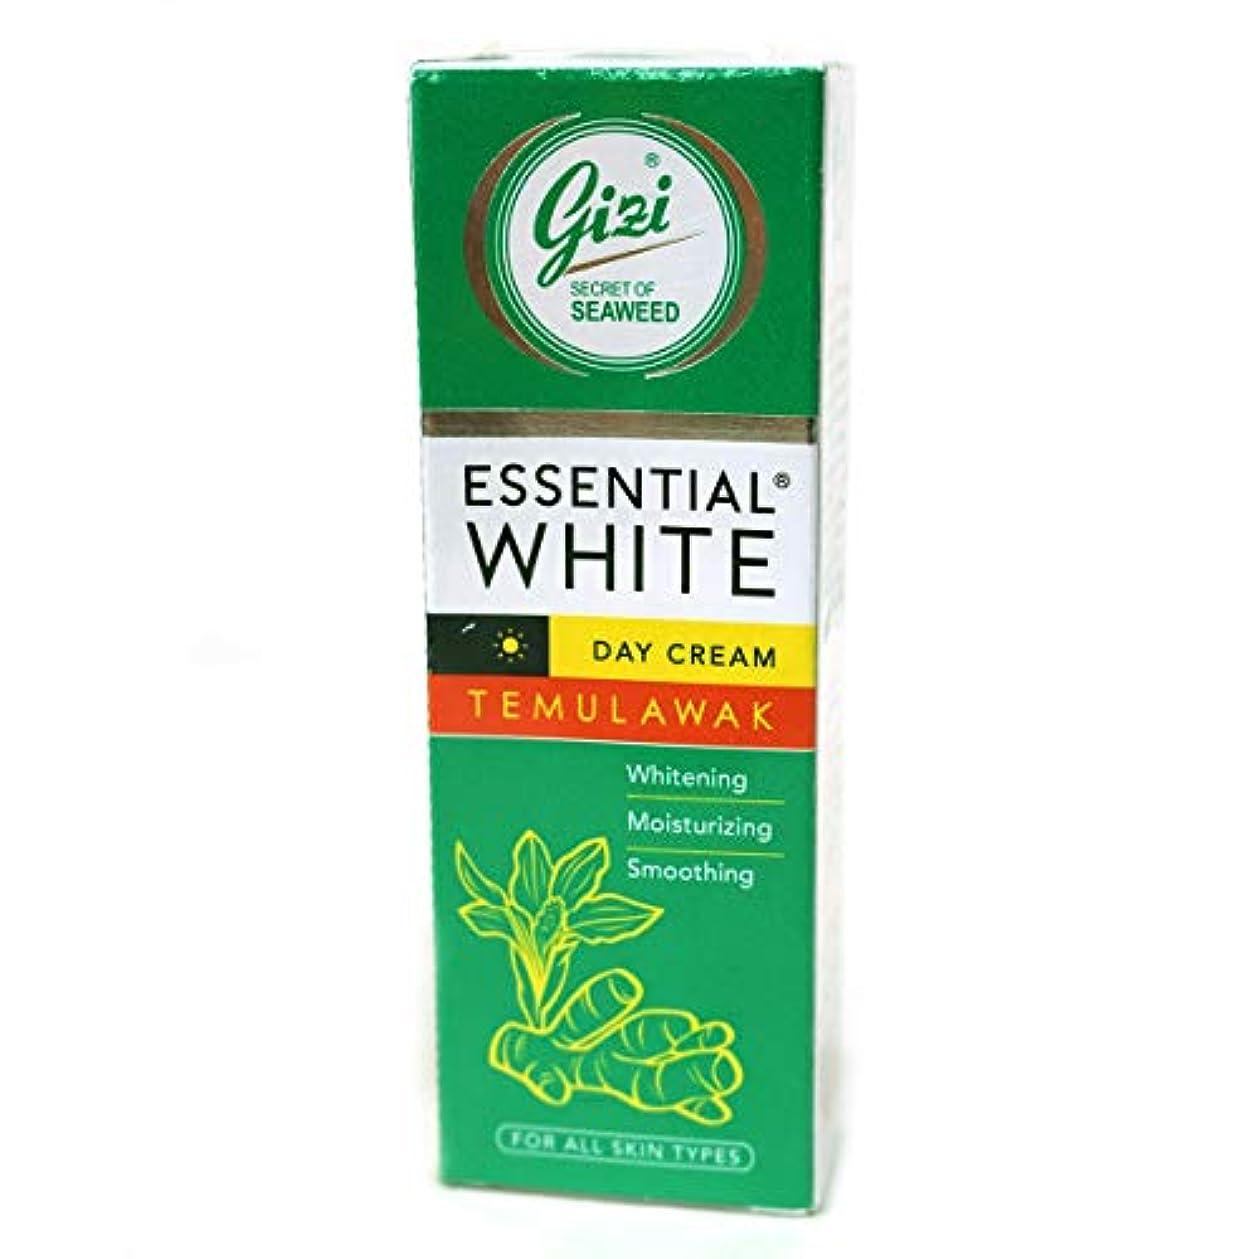 蒸気独占中性ギジ gizi Essential White 日中用スキンケアクリーム チューブタイプ 18g テムラワク ウコン など天然成分配合 [海外直送品]